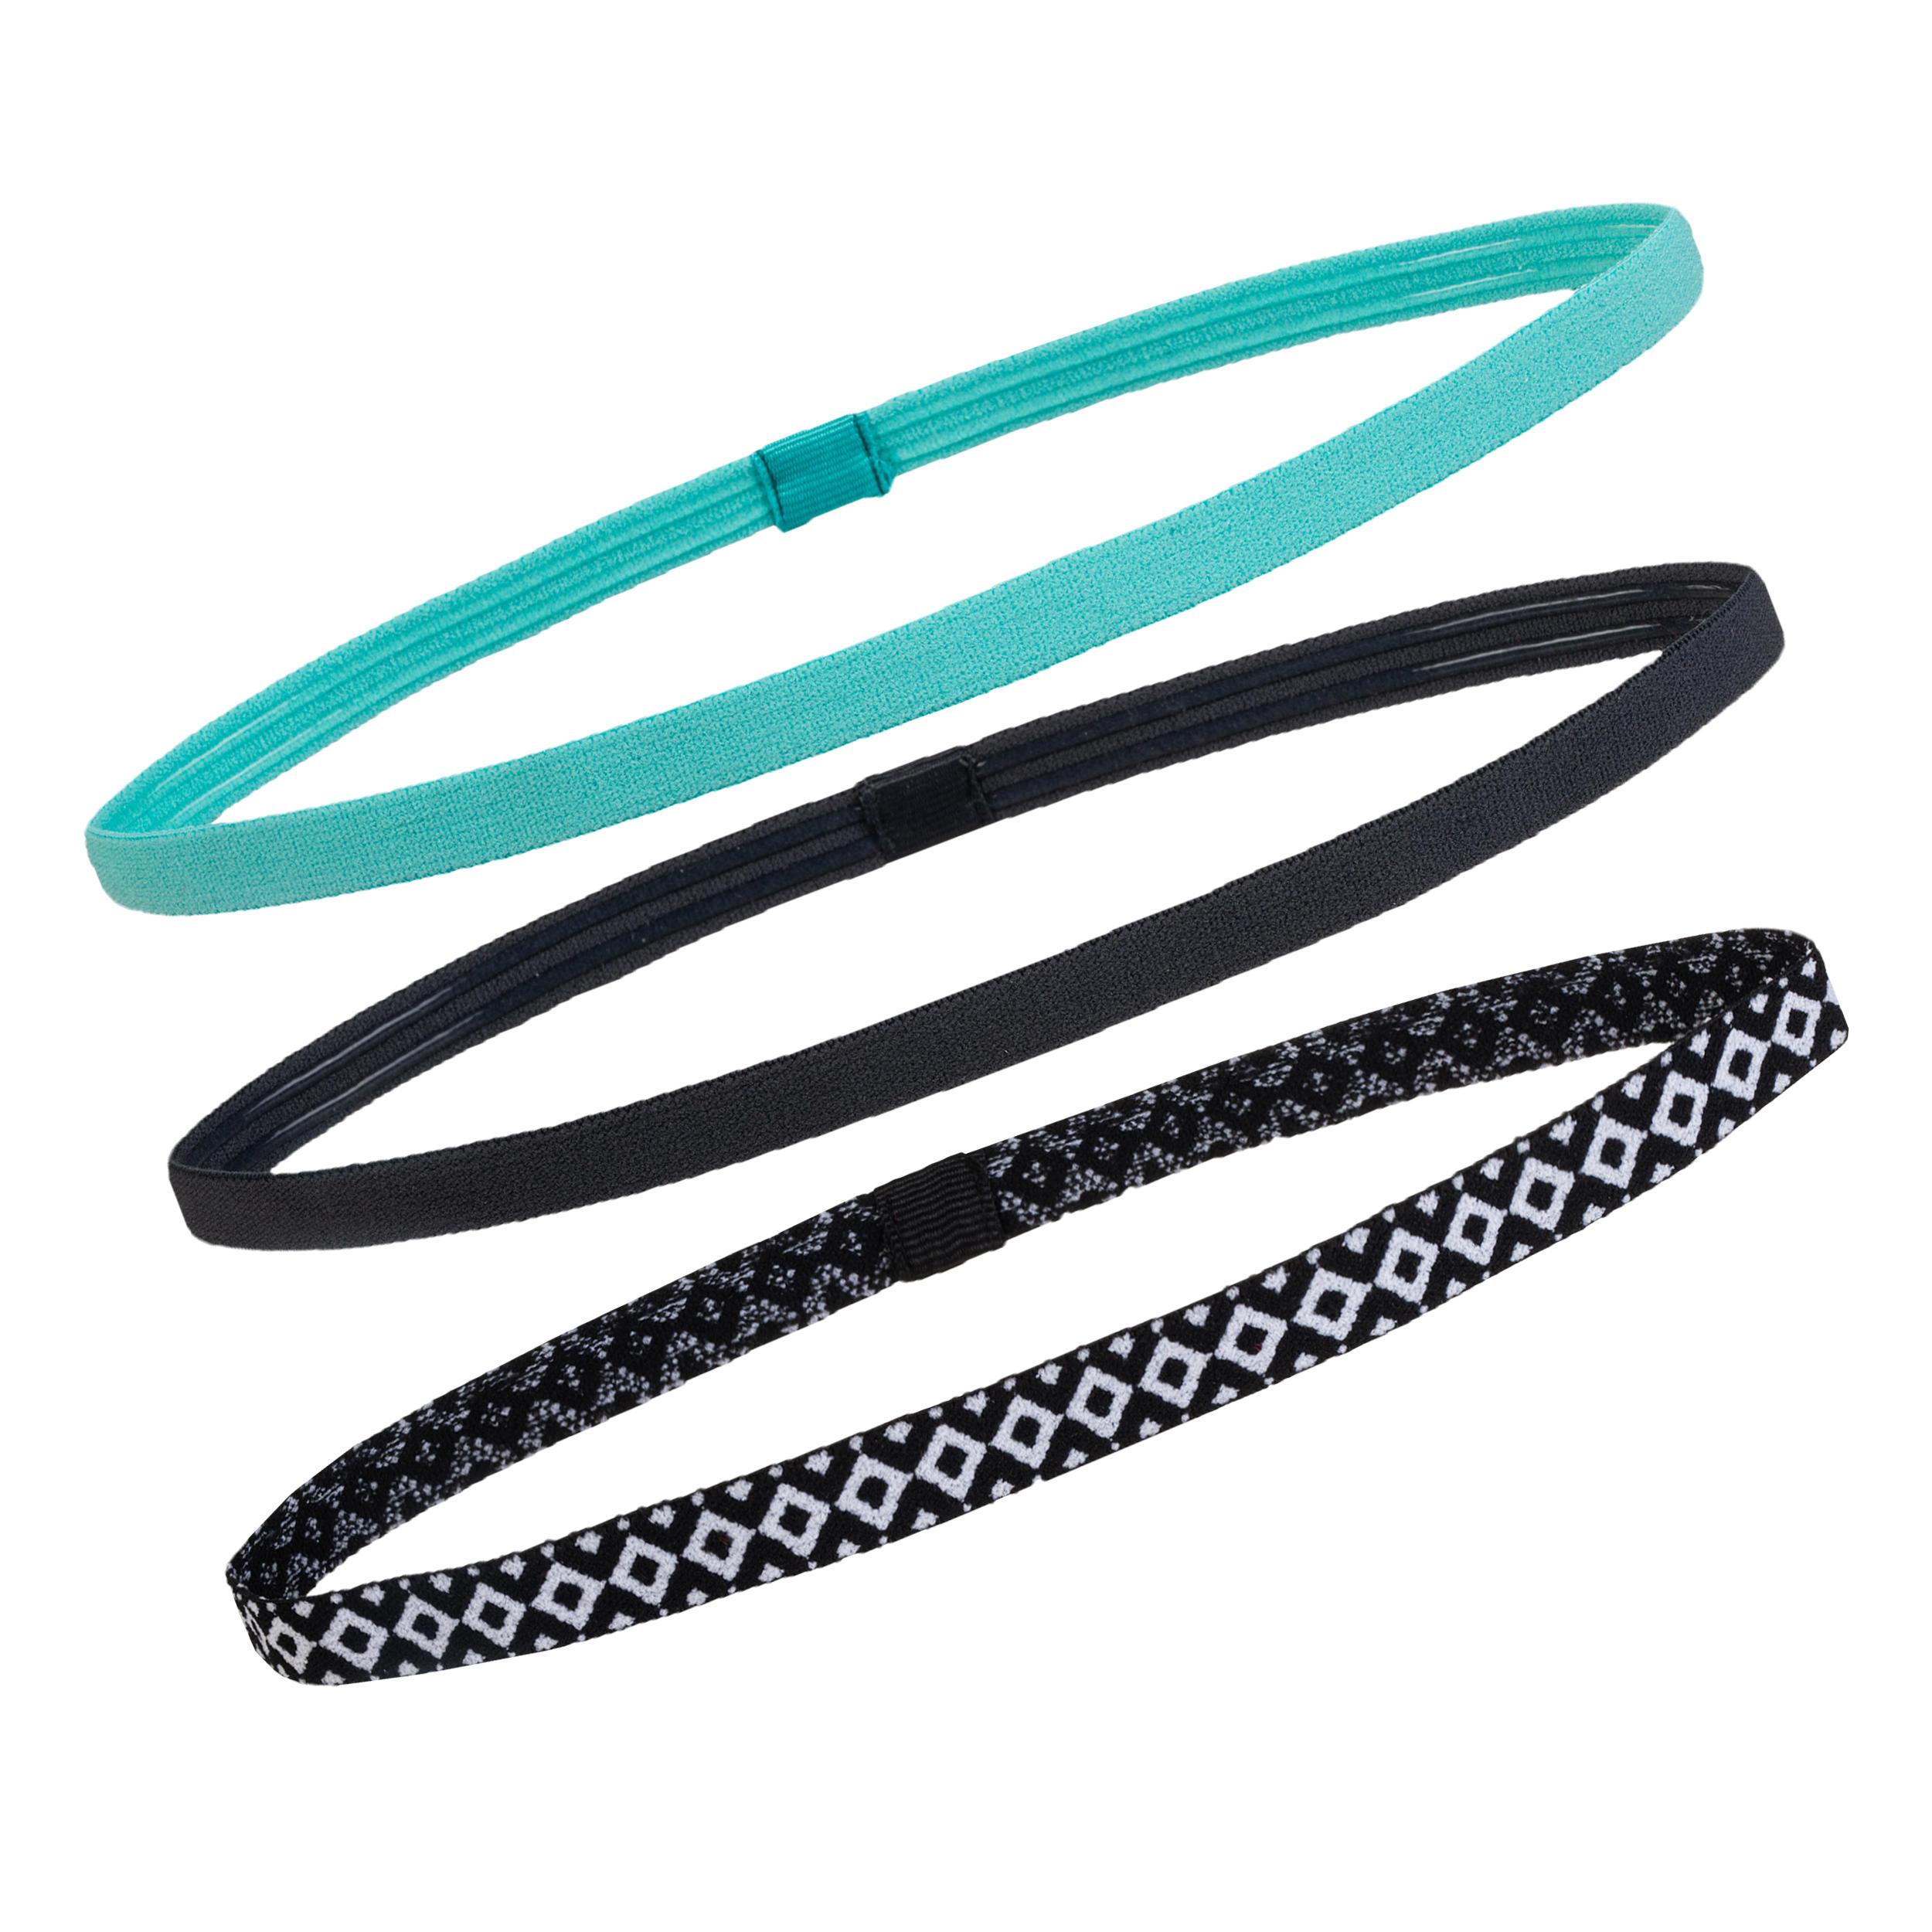 c34bd462f99ee9 Haarband Fitness 3 Stk. Damen | Domyos | DECATHLON